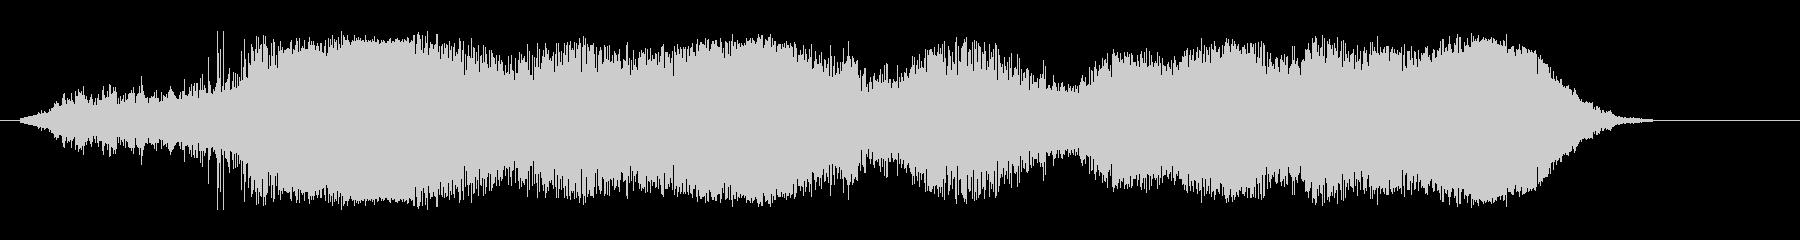 ナスカーレーシング;ターン別(数)...の未再生の波形